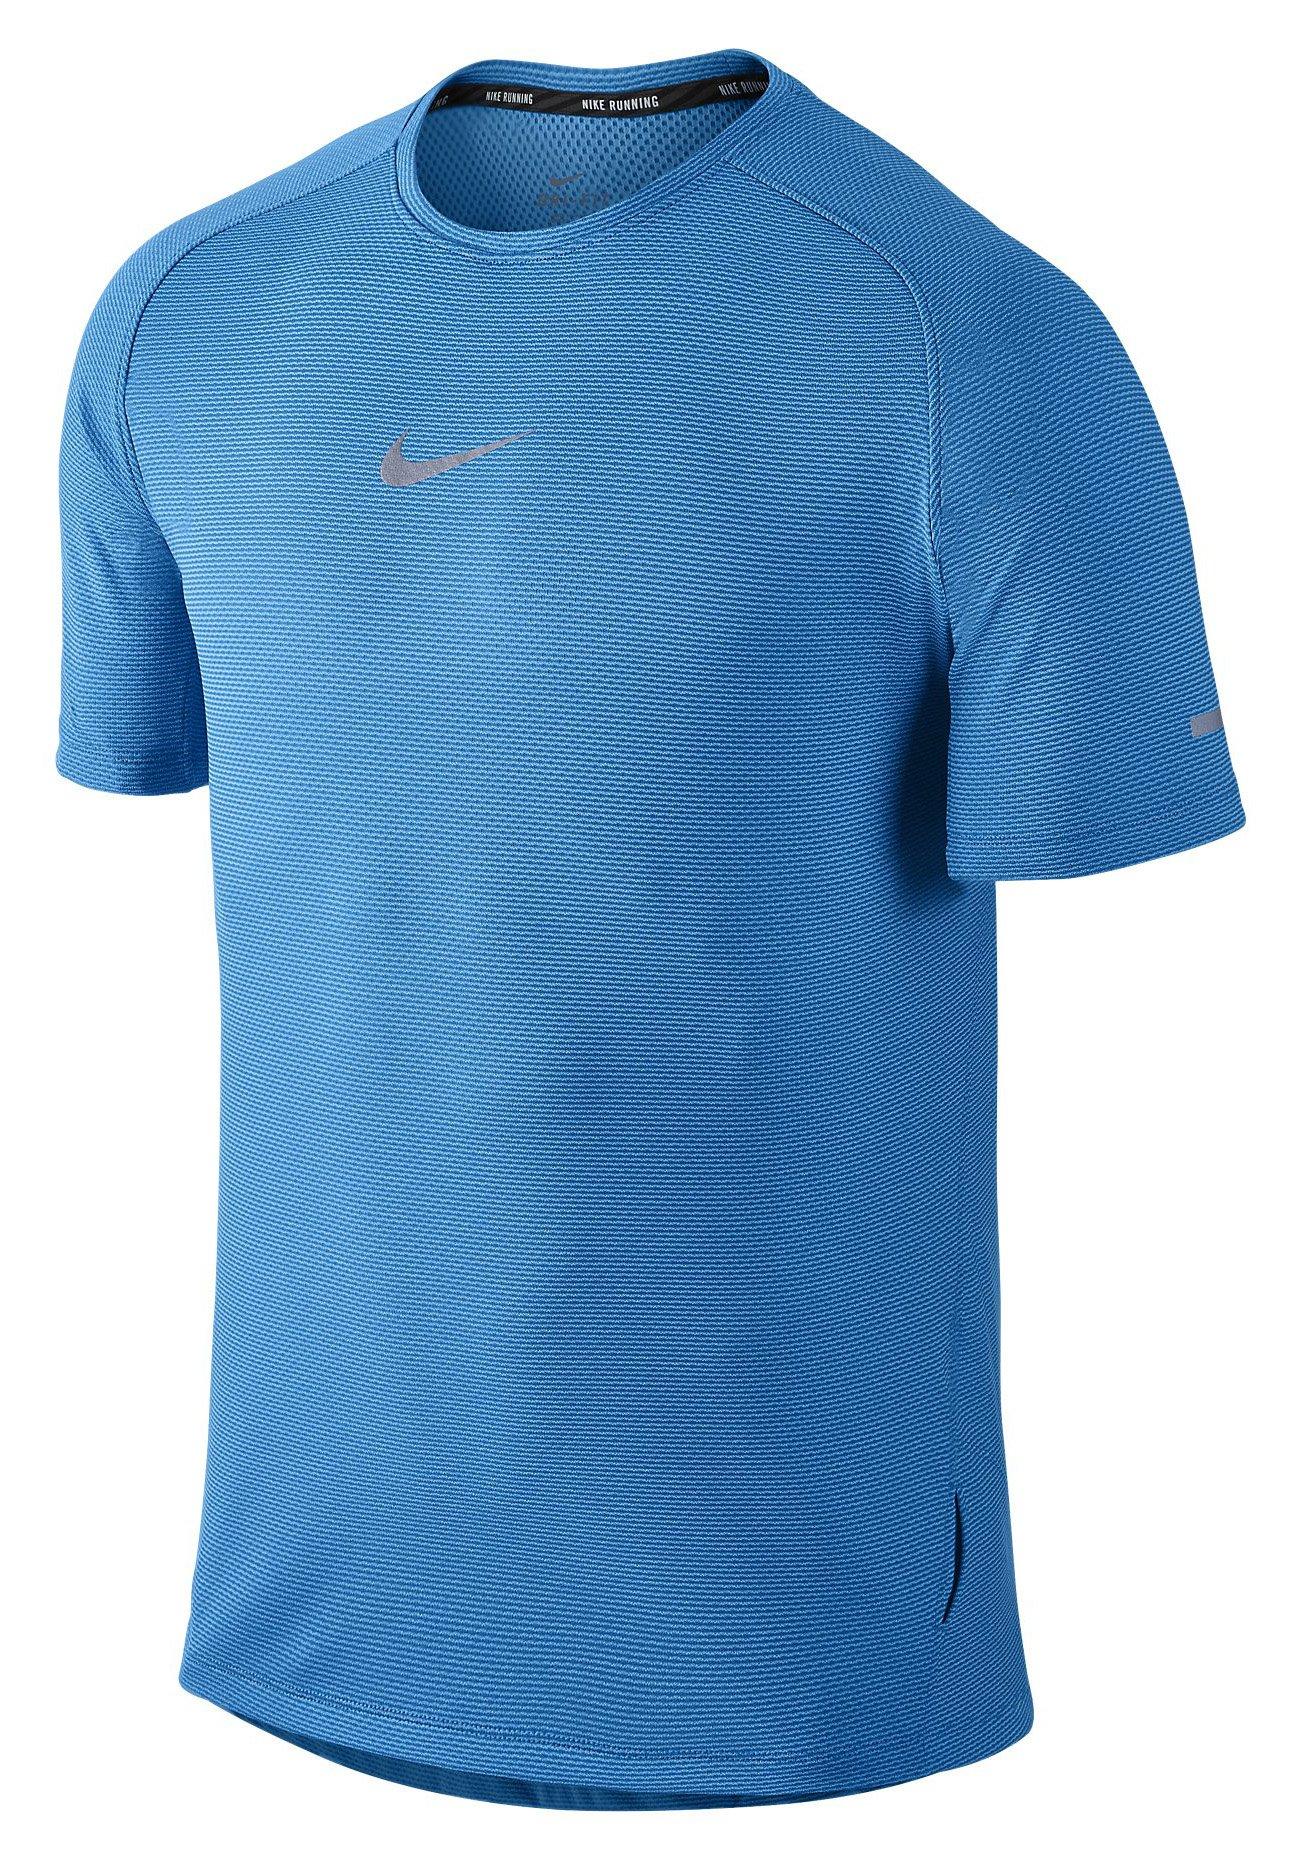 T Shirt Nike Df Aeroreact Ss